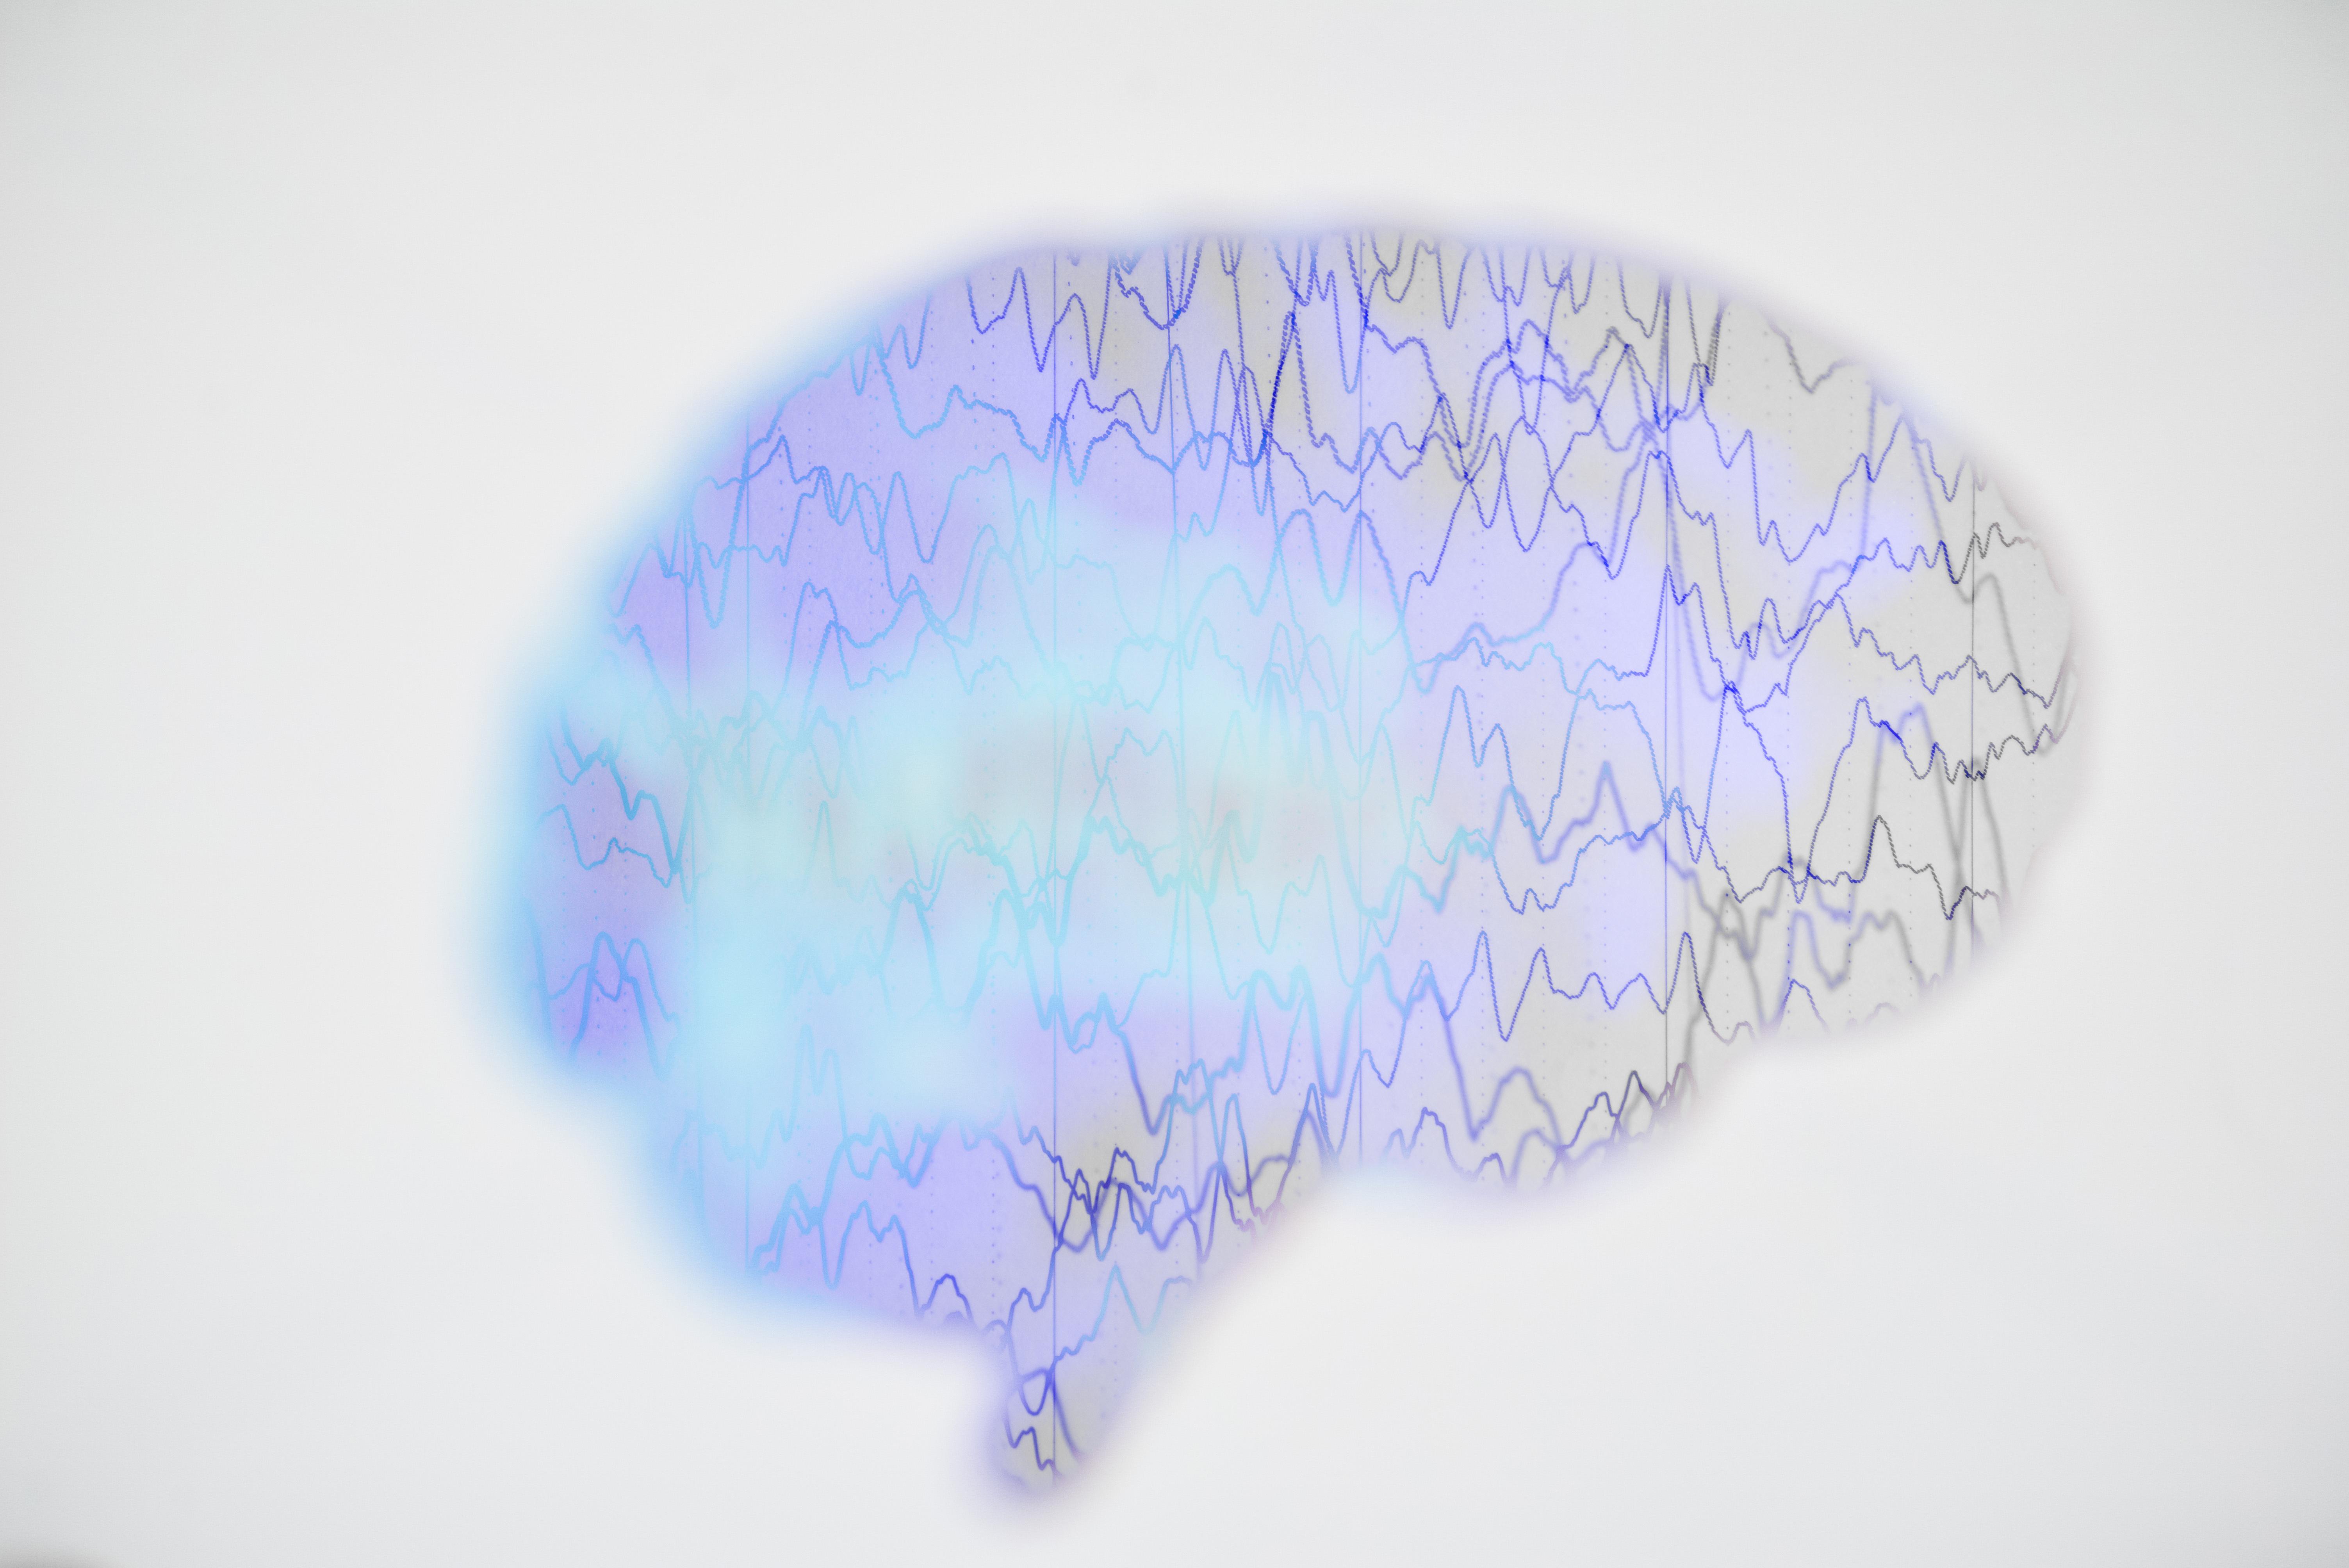 I remissen för de nationella riktlinjerna vid epilepsi lyfter Socialstyrelse vikten av tidig diagnos, behandling och uppföljning.